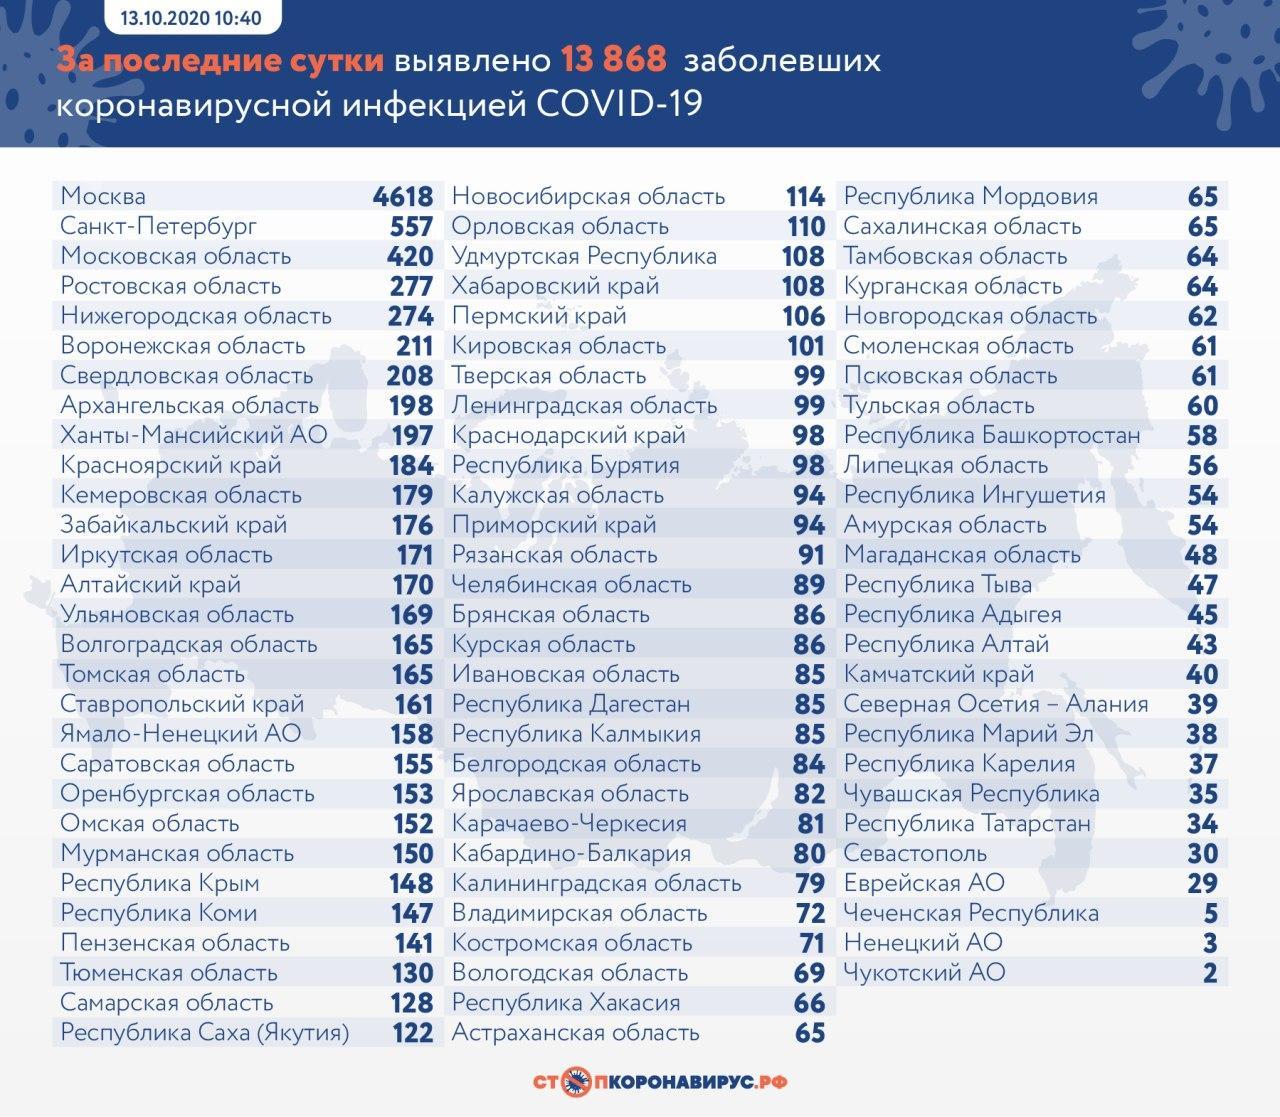 Снова максимум: в России за сутки выявили 13 868 случаев коронавируса